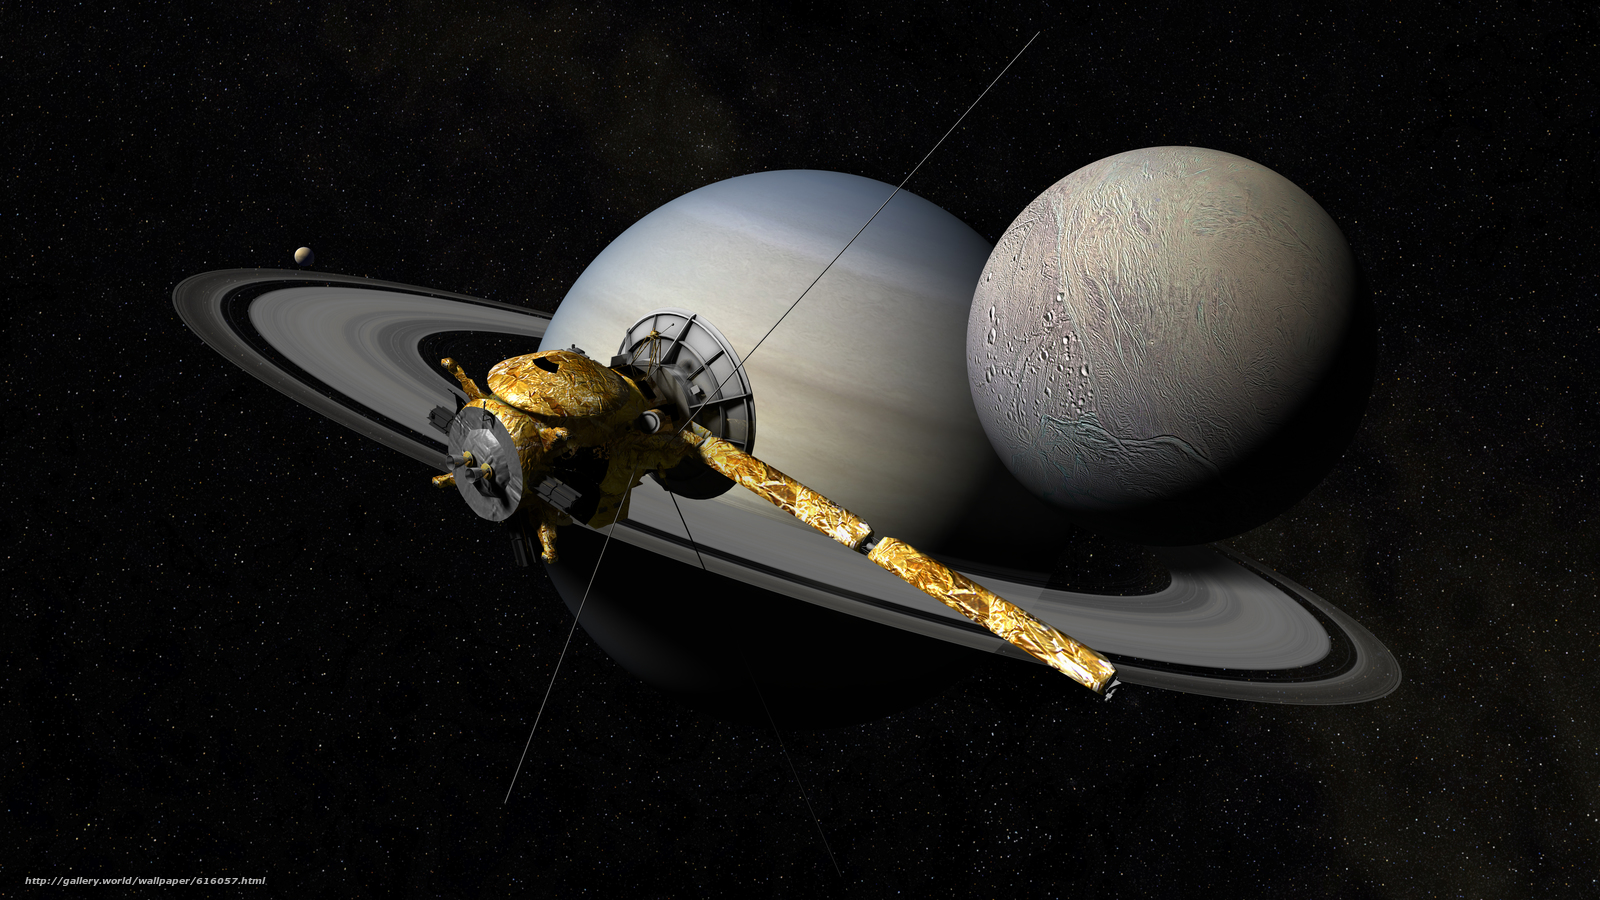 Скачать обои Кассини-Гюйгенс,  автоматический,  космический,  аппарат бесплатно для рабочего стола в разрешении 5760x3240 — картинка №616057